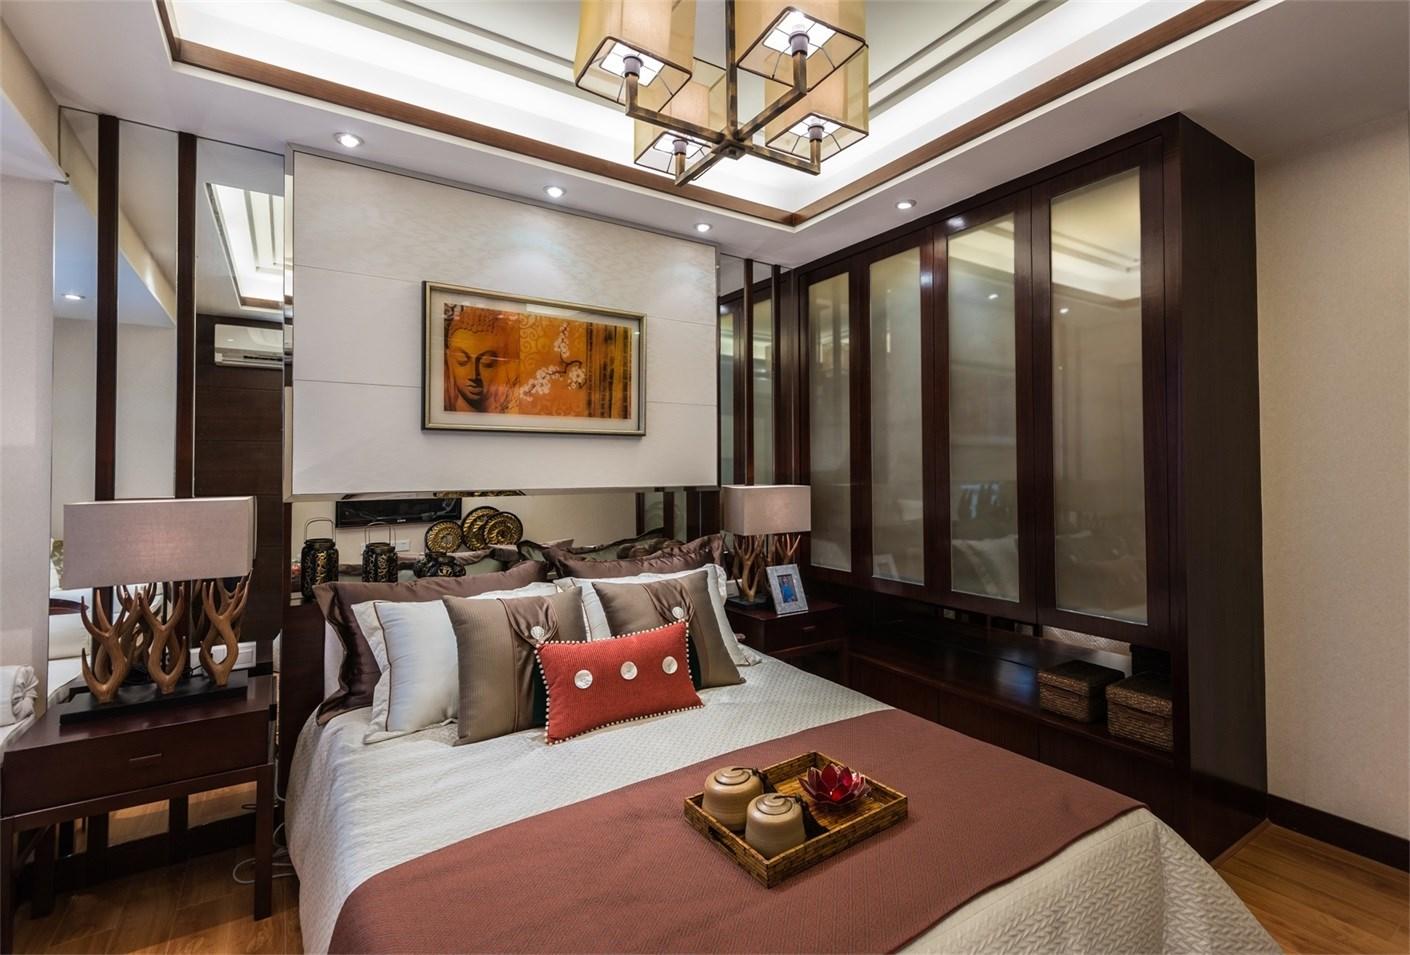 次卧床头背景墙设计非常立体,非常有层次感。